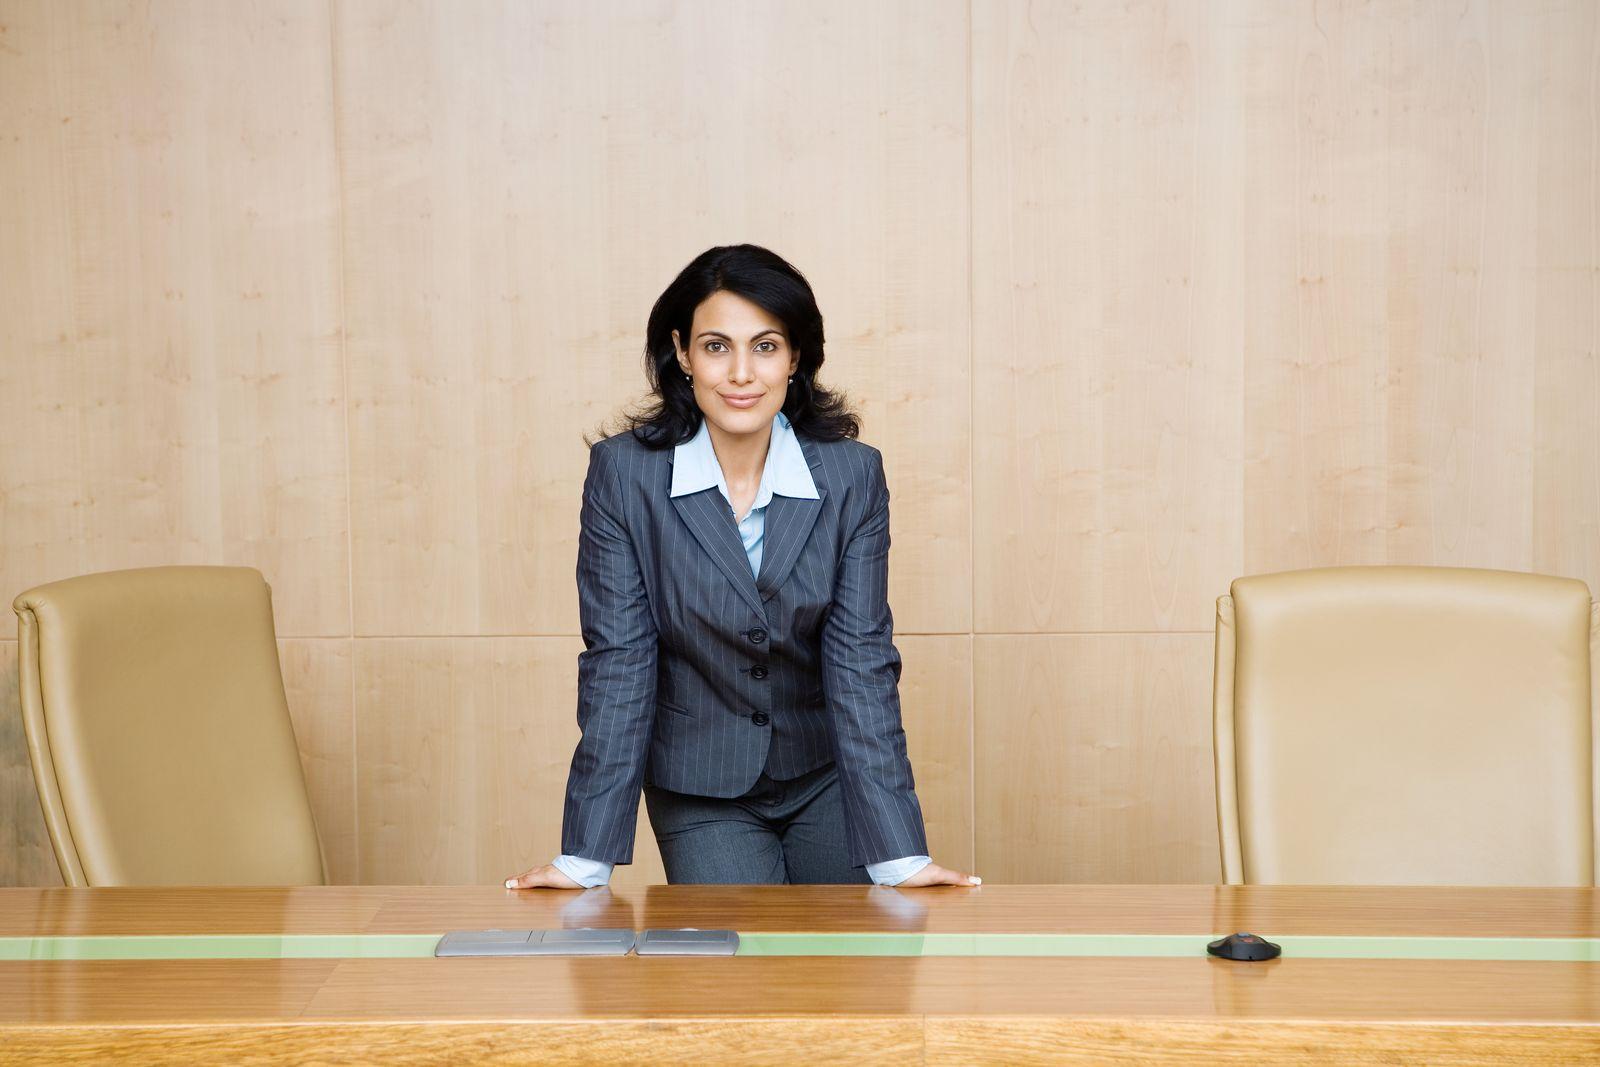 NICHT MEHR VERWENDEN! - Symbolbild Managerin / Geschäftsfrau / Chefin